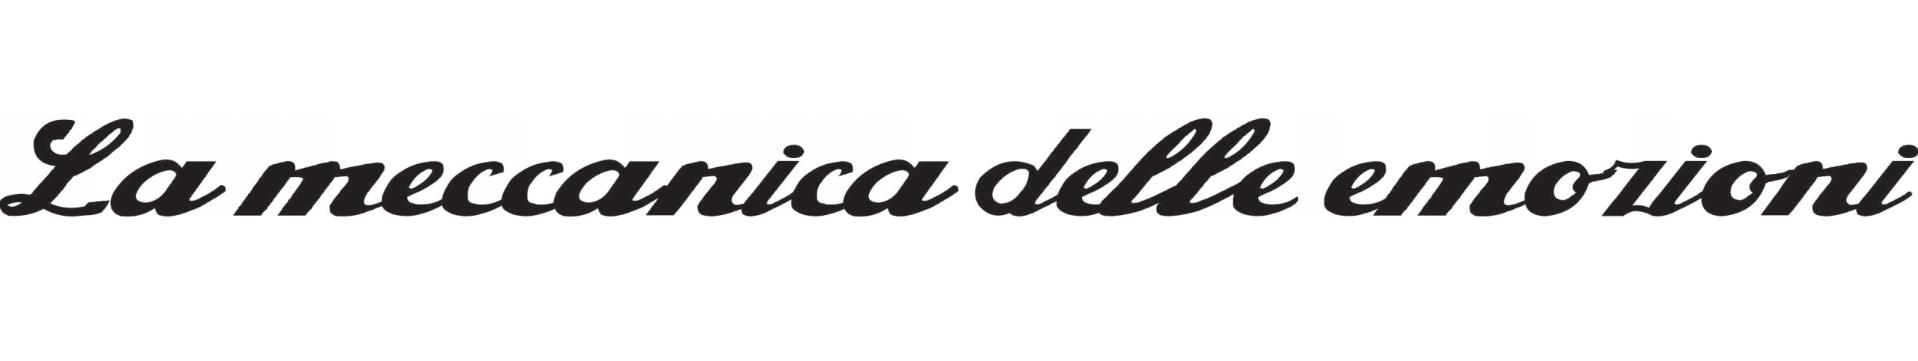 la_meccanica_delle_emozioni_czarna.png